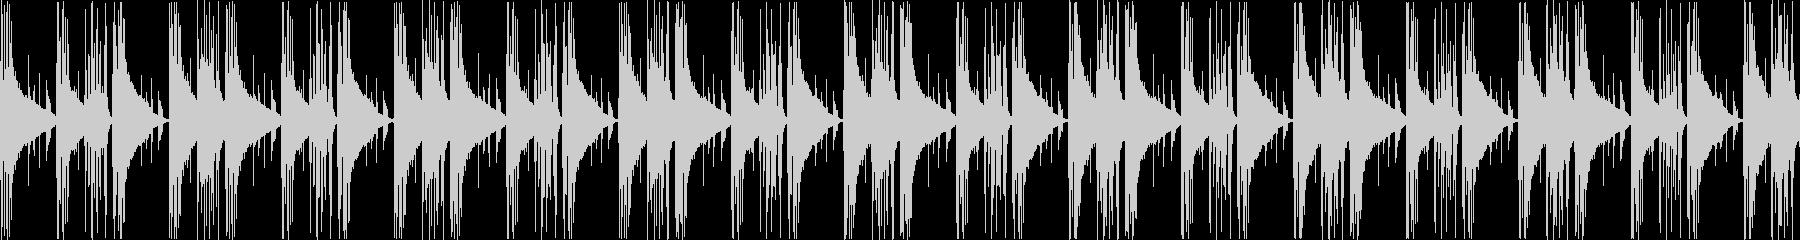 エレクトリックピアノが響く静かなループ曲の未再生の波形